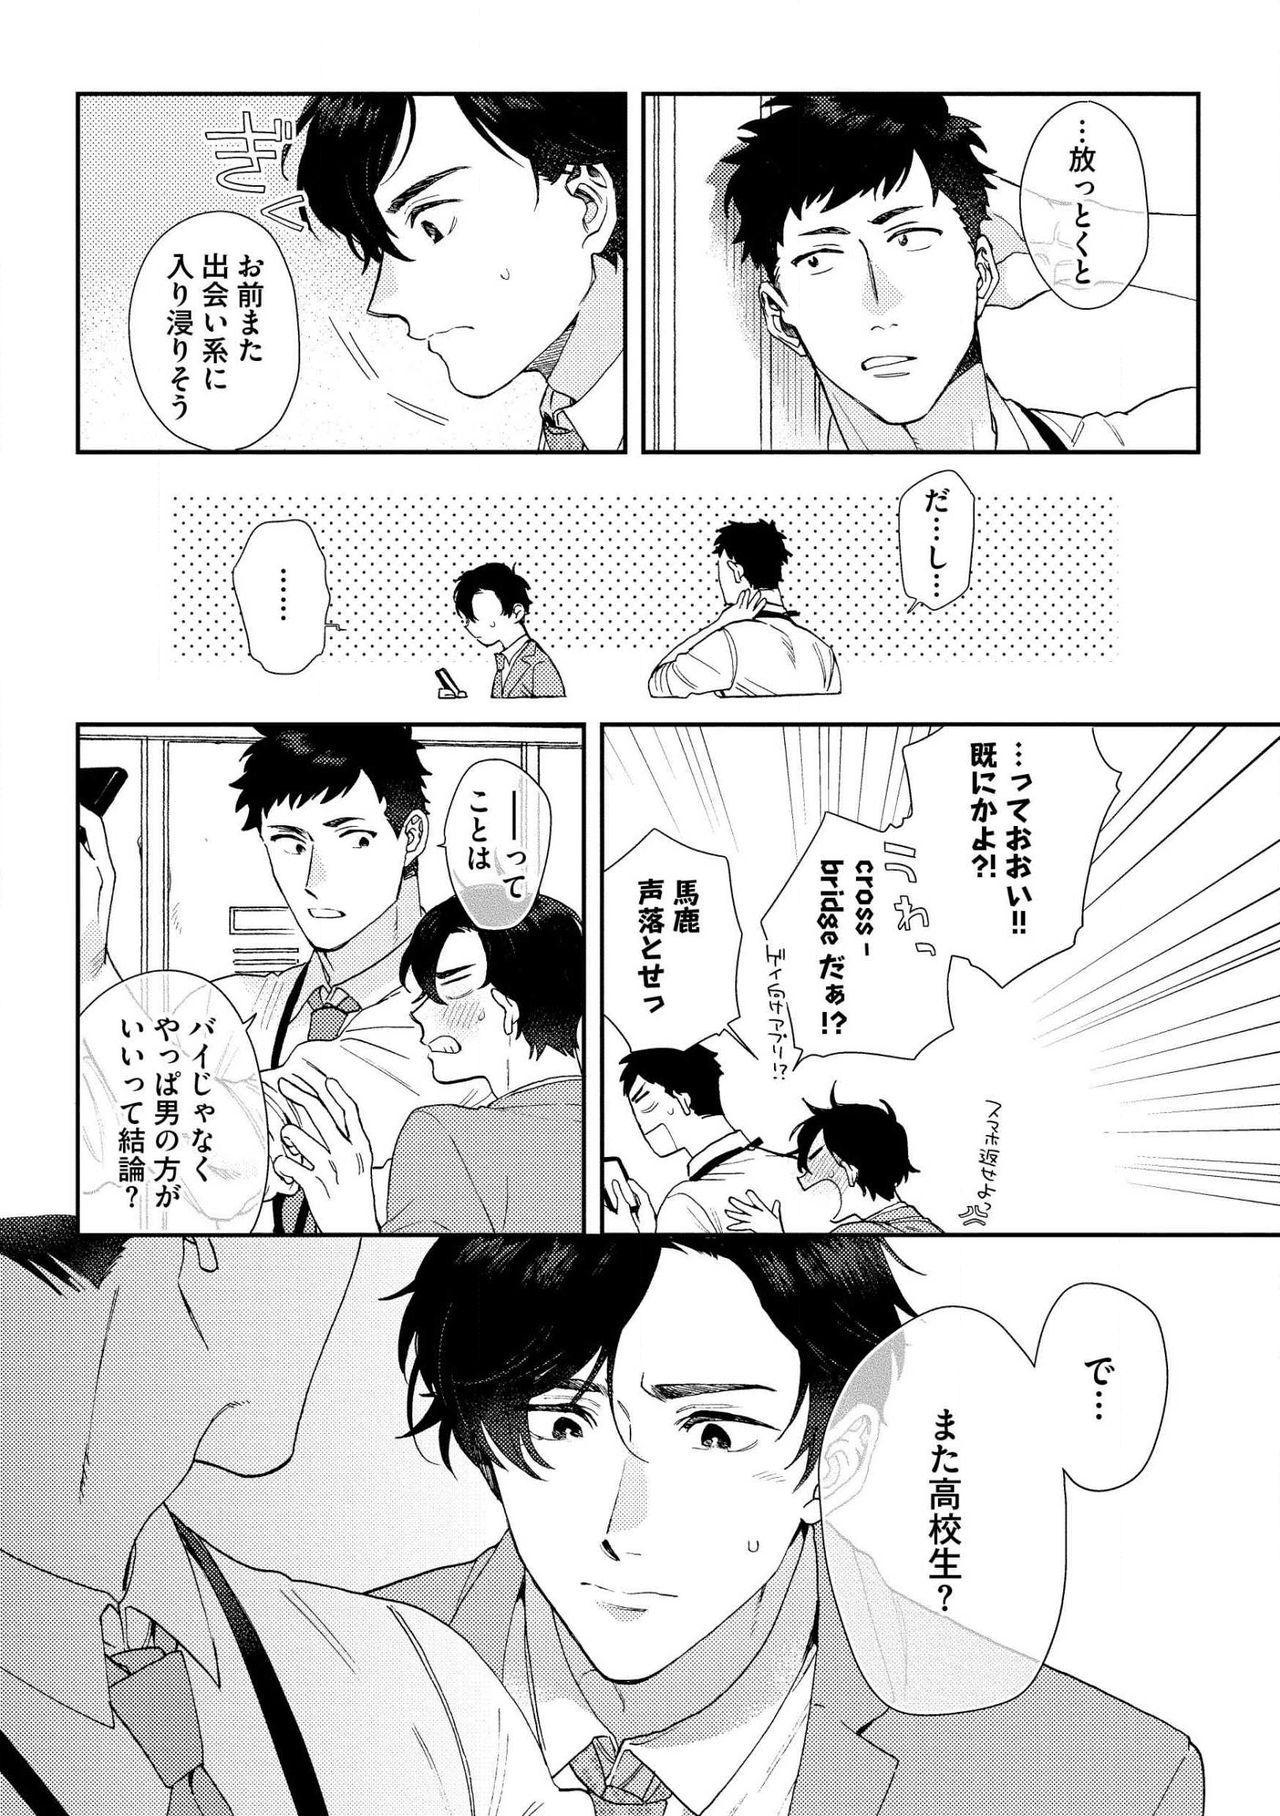 Hata-kun wa Seifuku de xx Saretai Ch.1 6